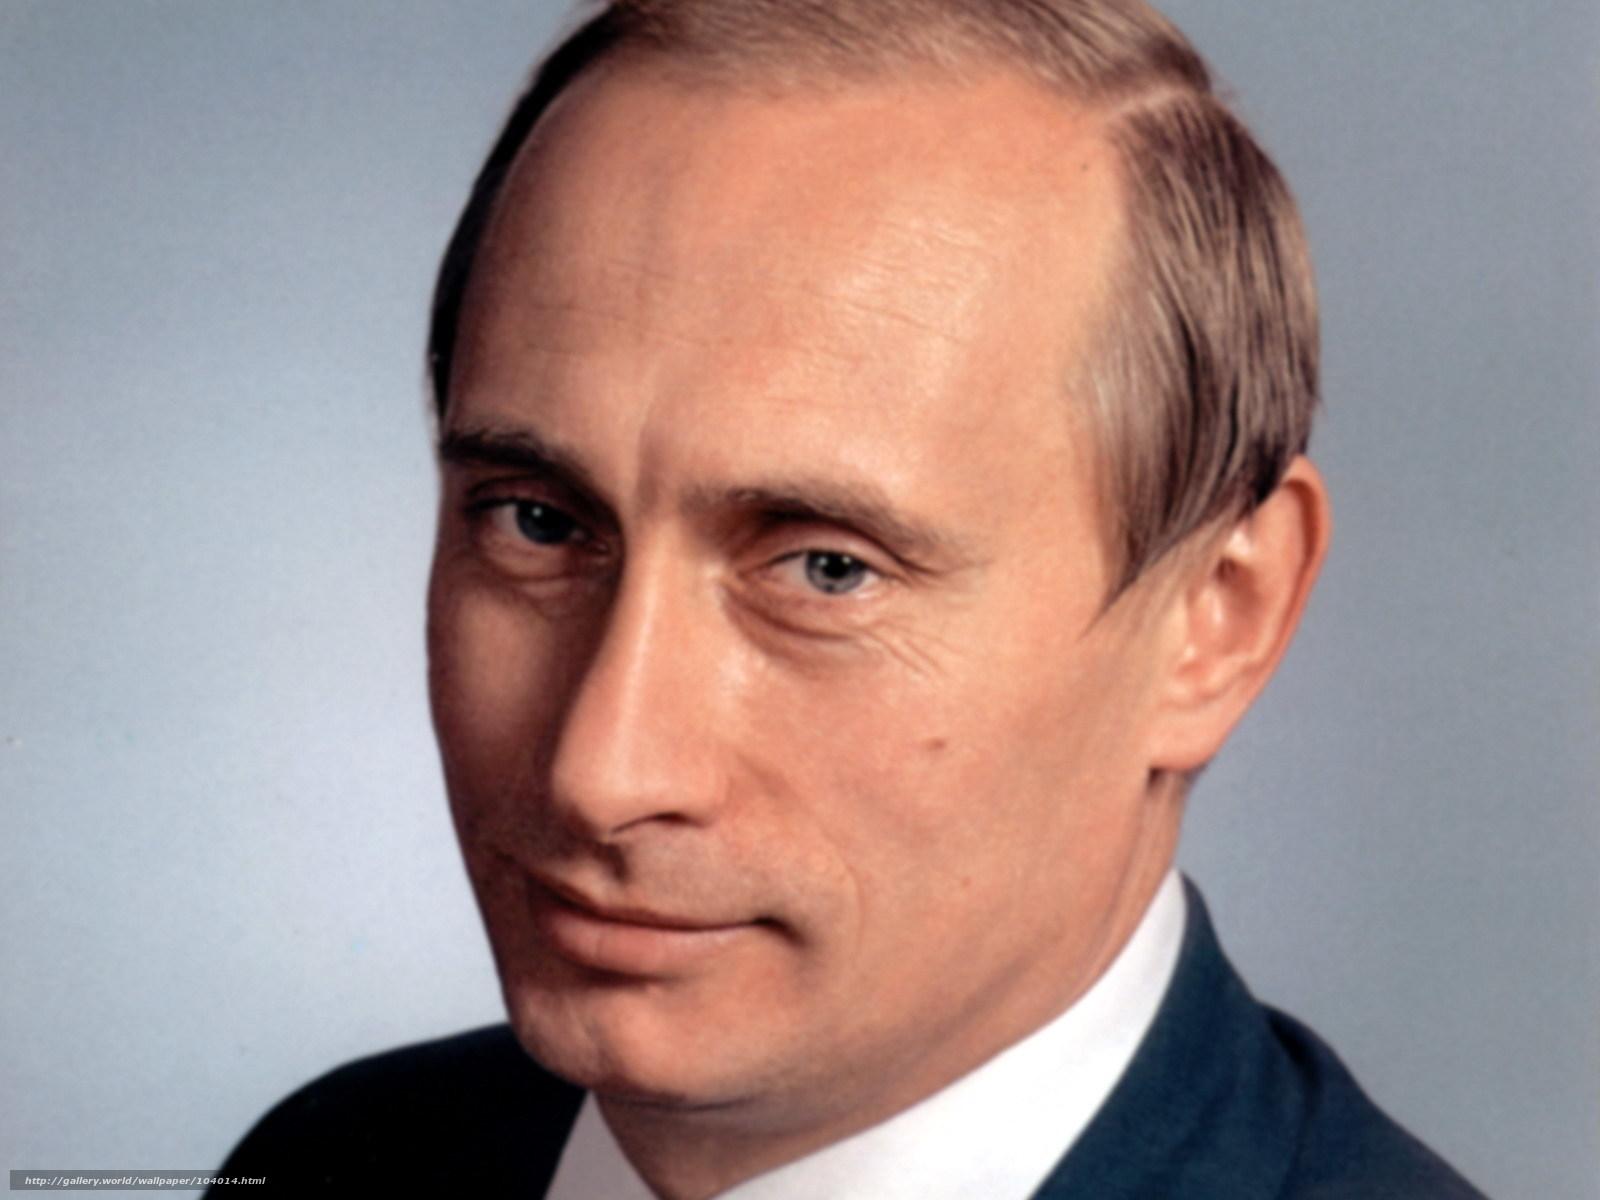 Владимир путин png картинки скачать бесплатно.